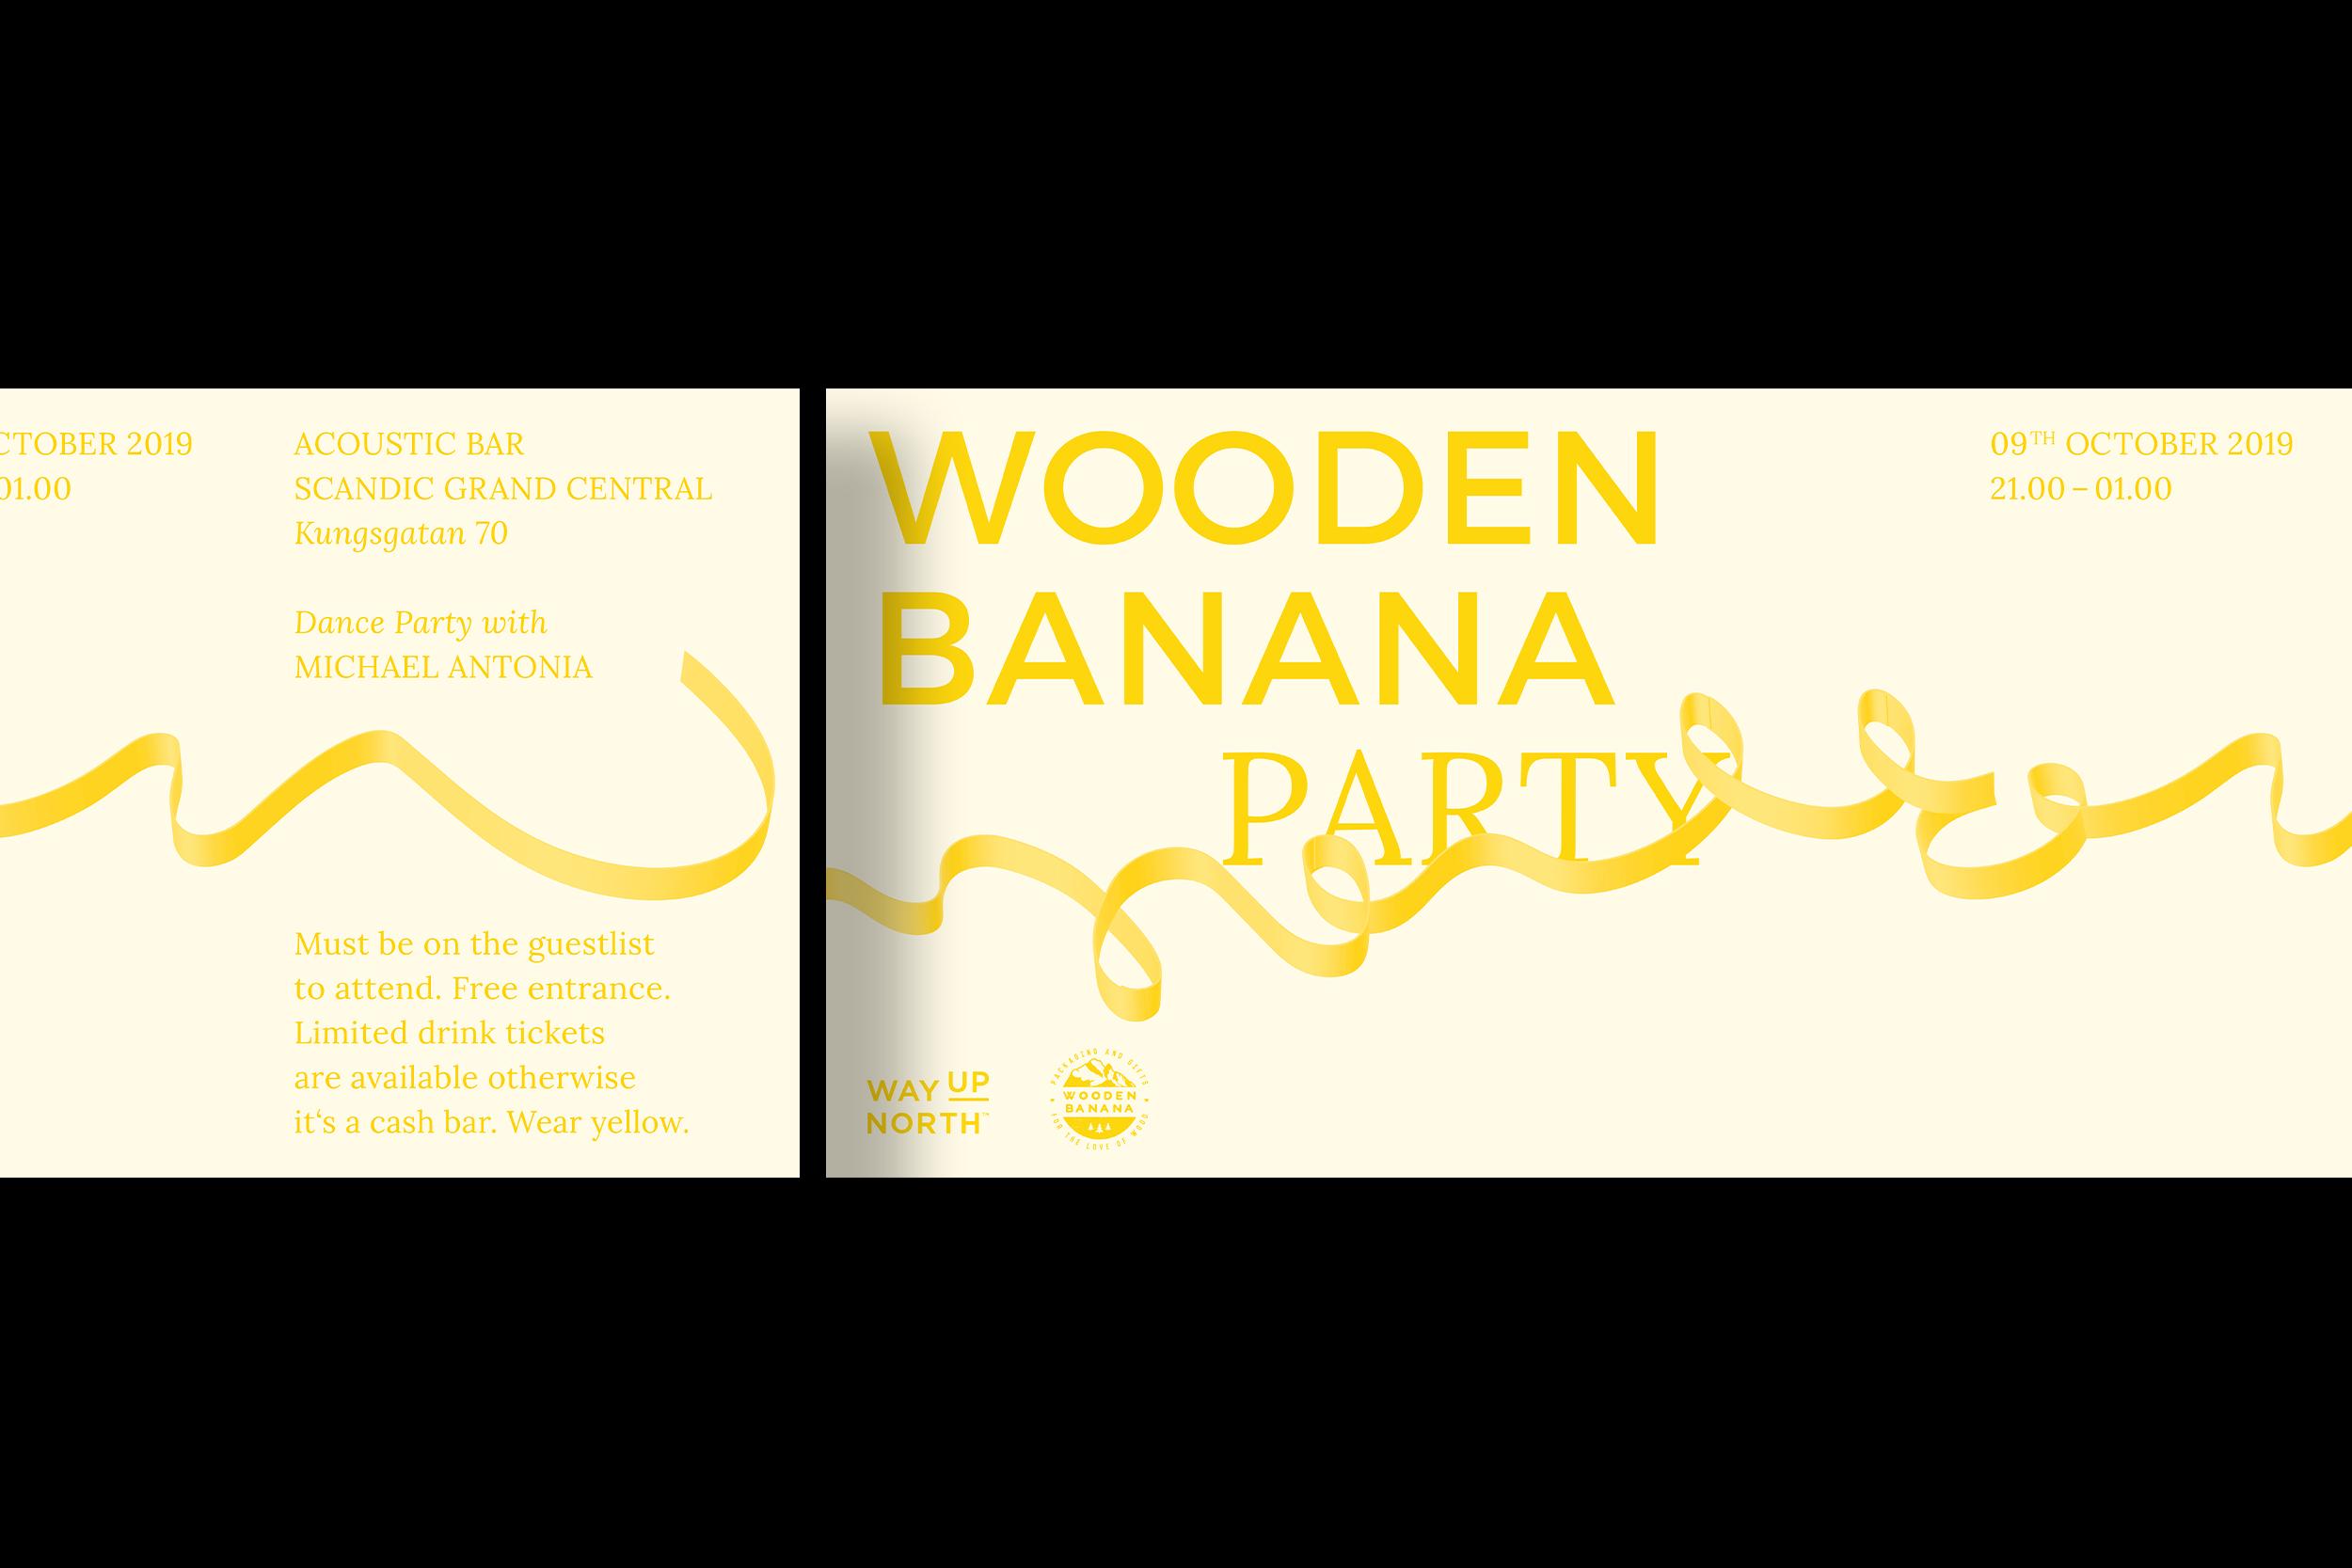 KK_WUN-STHLM_Social-Media_BlackBG_WoodenBanana